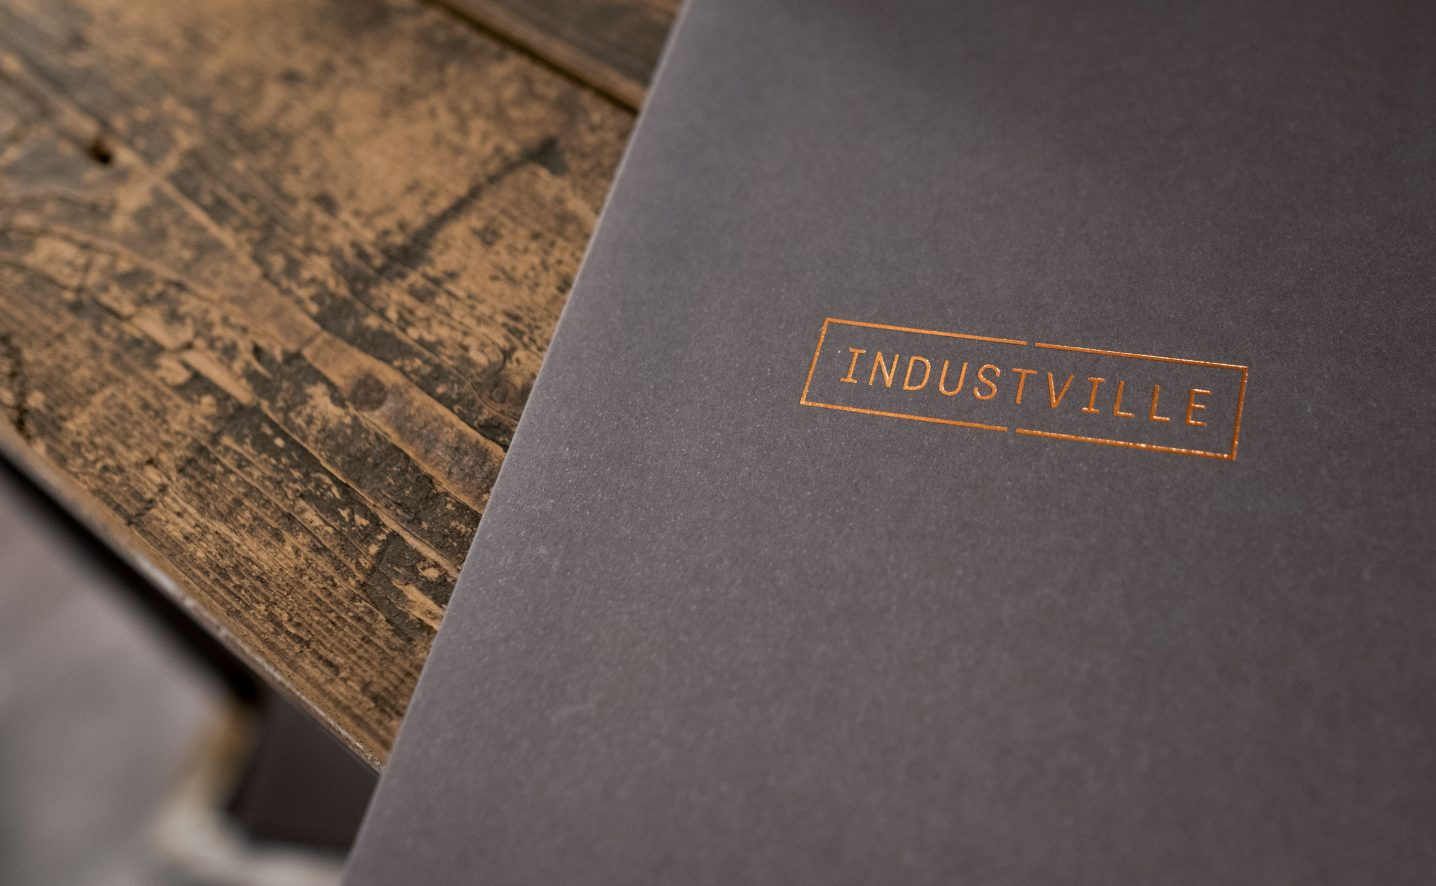 industville-copper-foil